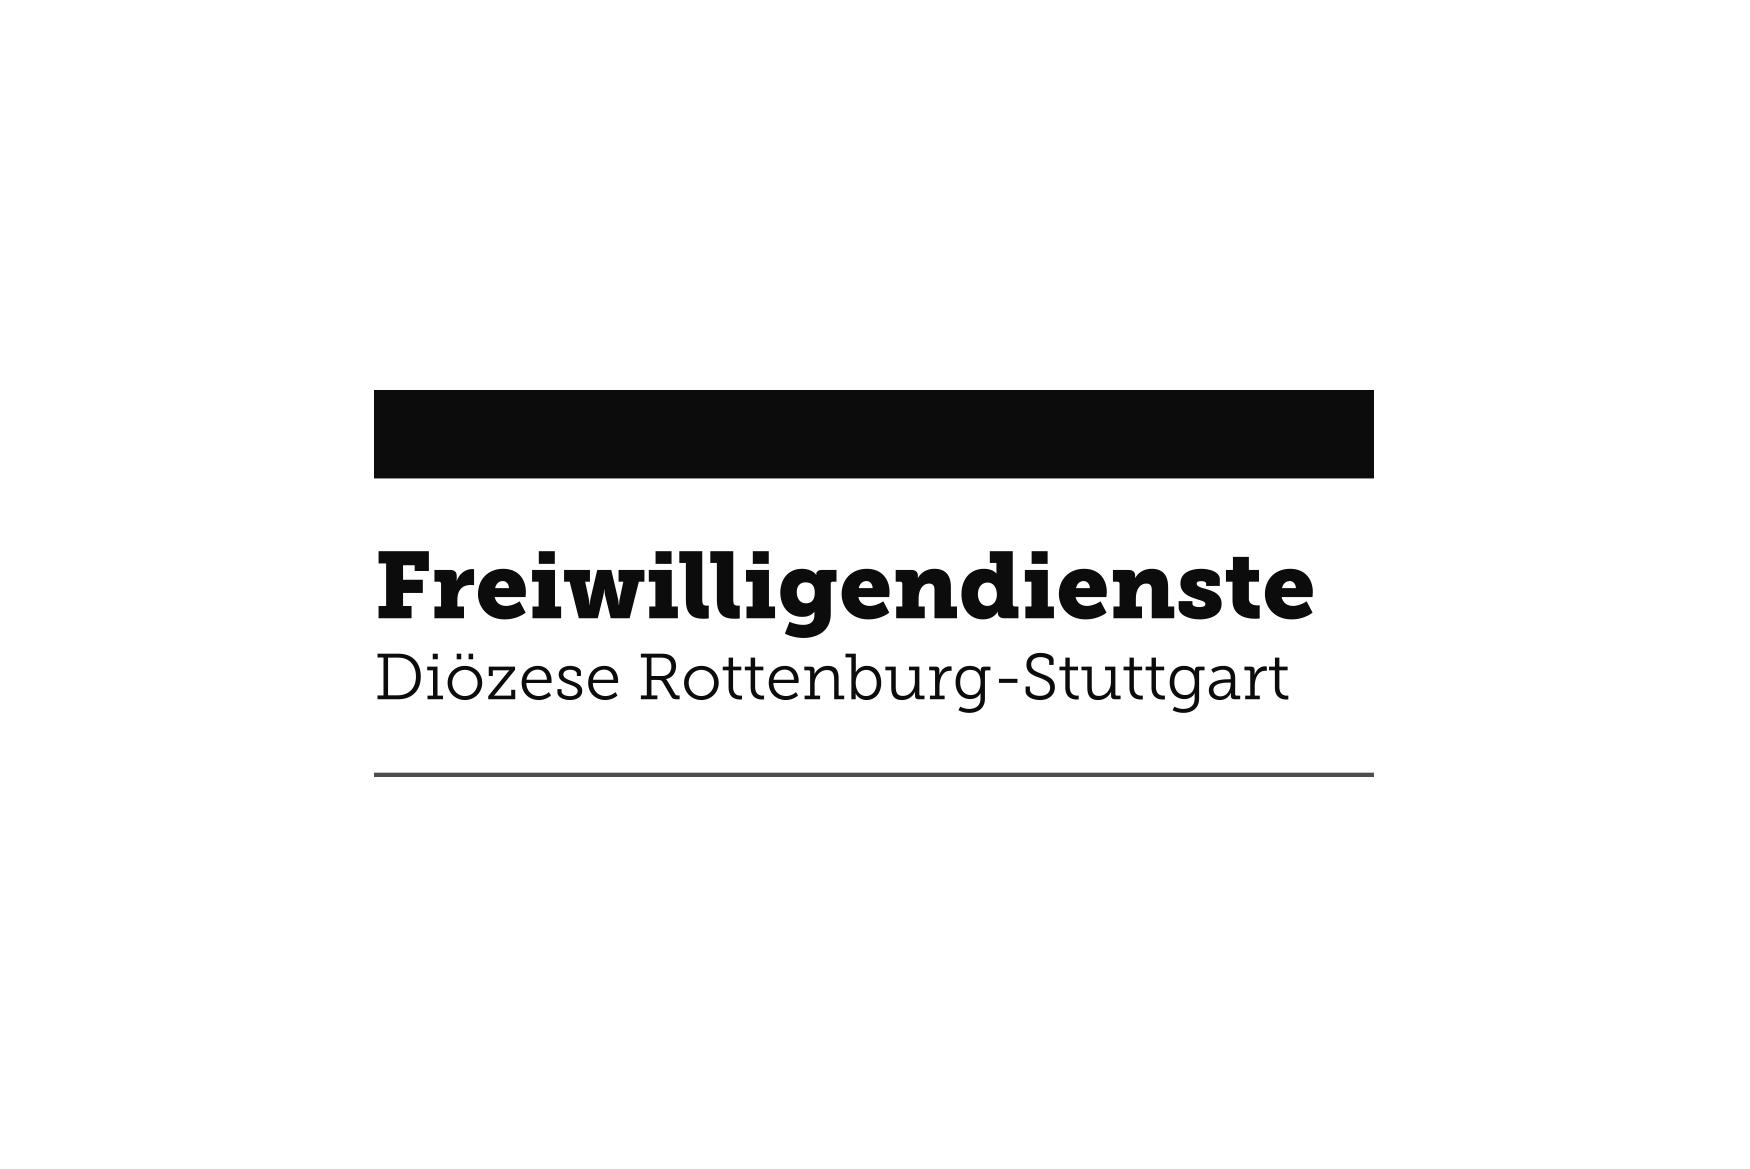 Design-Agentur-Stuttgart-Kreativbetrieb-Kunde-26